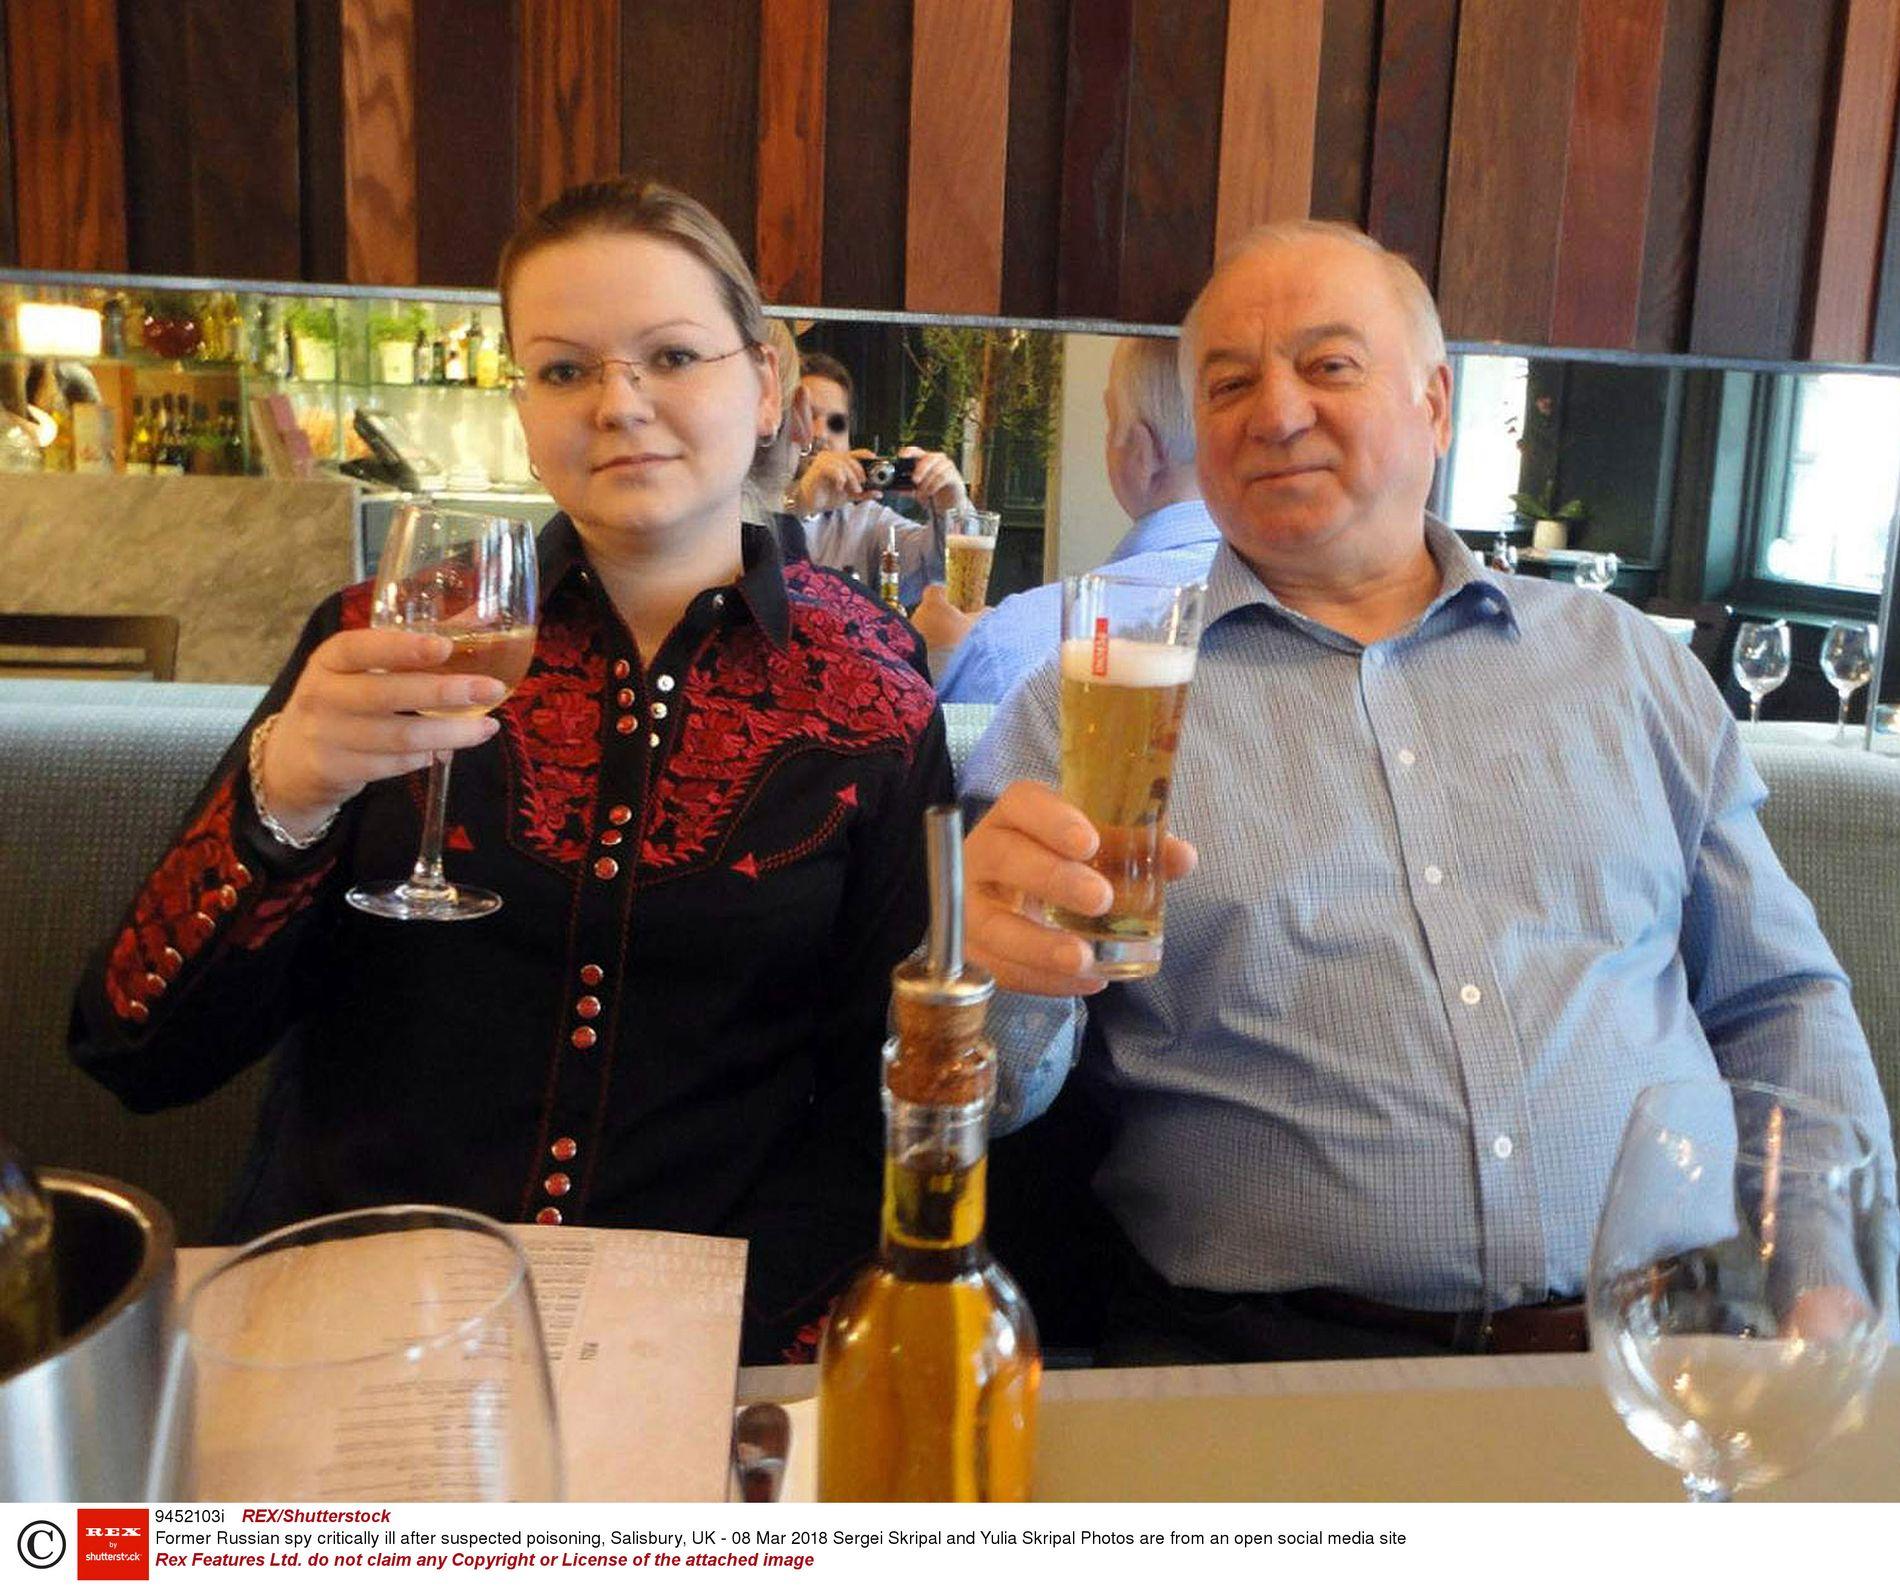 FUNNET BEVISSTLØSE: Den russiske eksspionen Sergei Skripal og datteren Yulia ble funnet bevisstløse i Salisbury 4. mars i år. Etterforskning viste at de var blitt  forgiftet med nervegift.